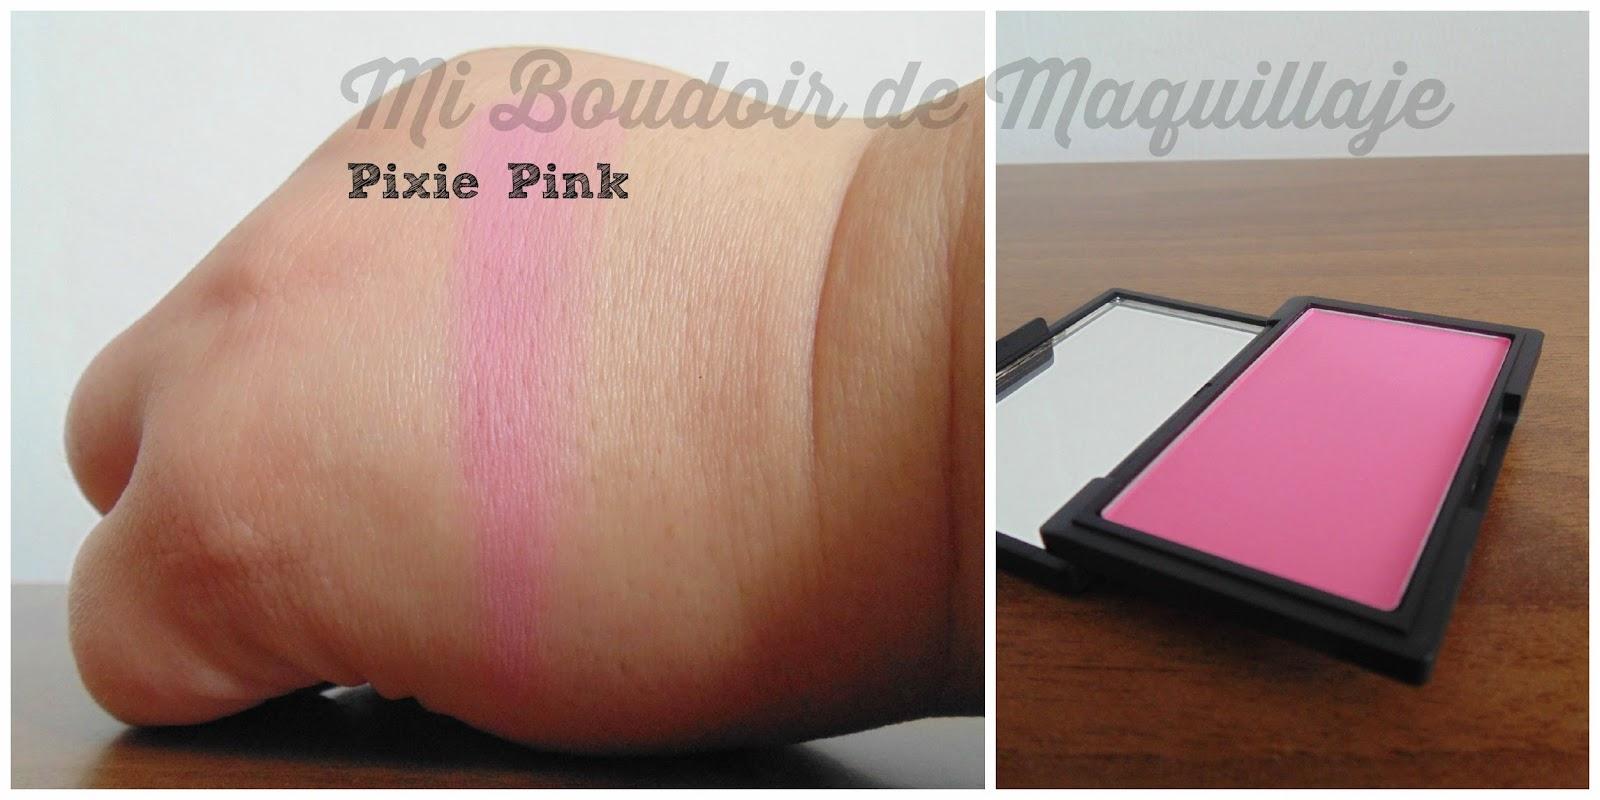 Pixie Pink Sleek